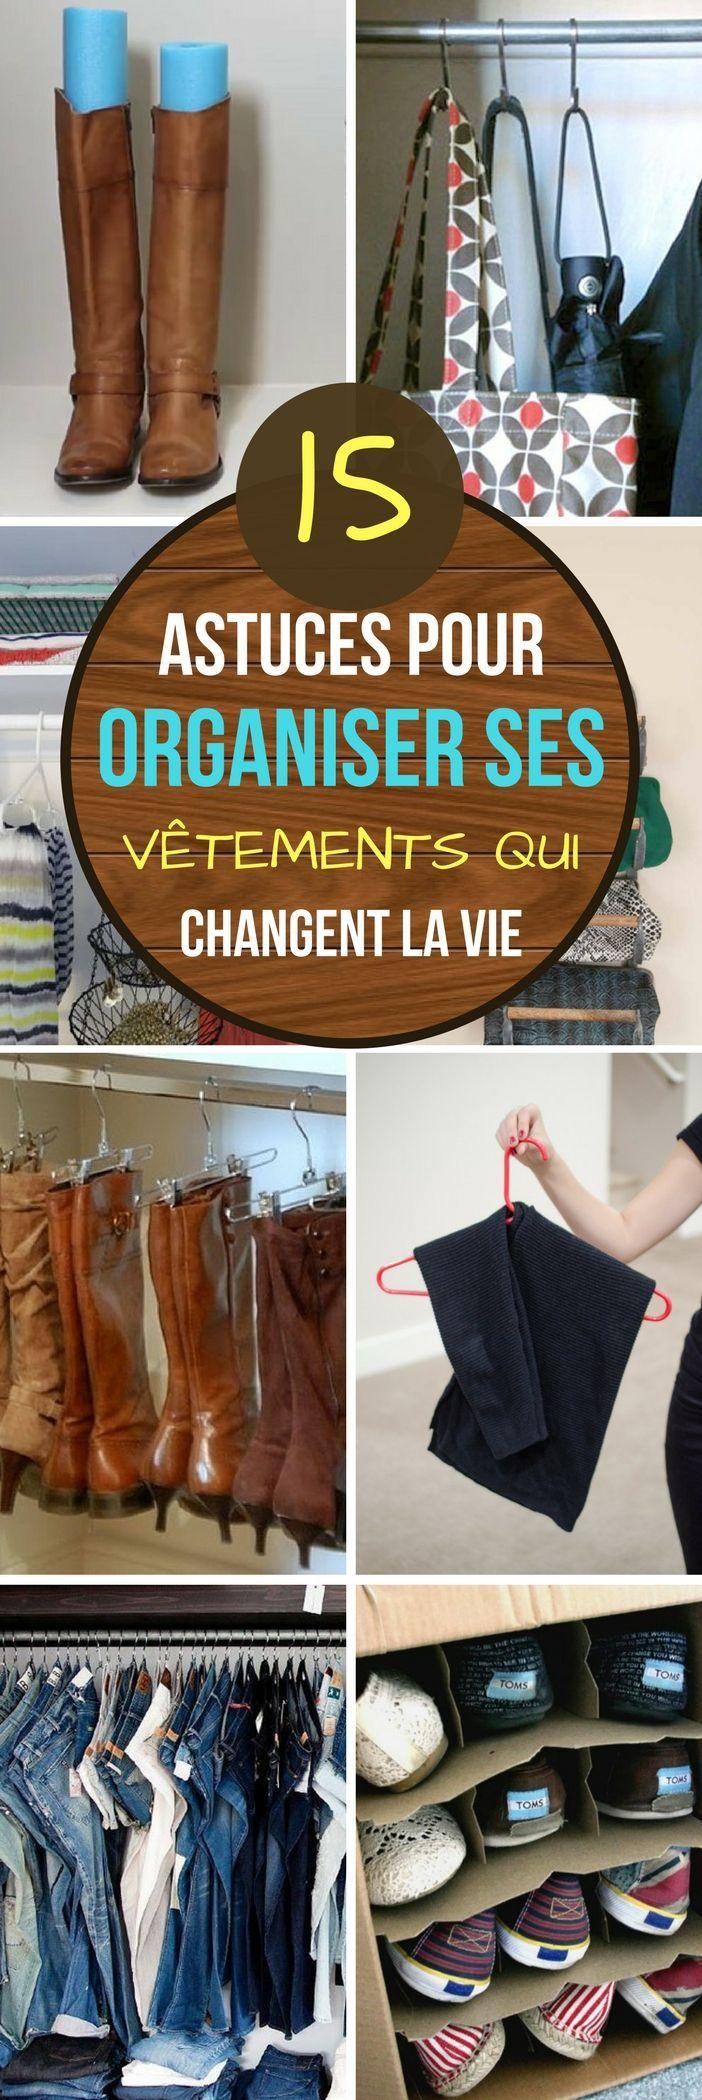 15 astuces pour organiser ses vêtements qui changent totalement la